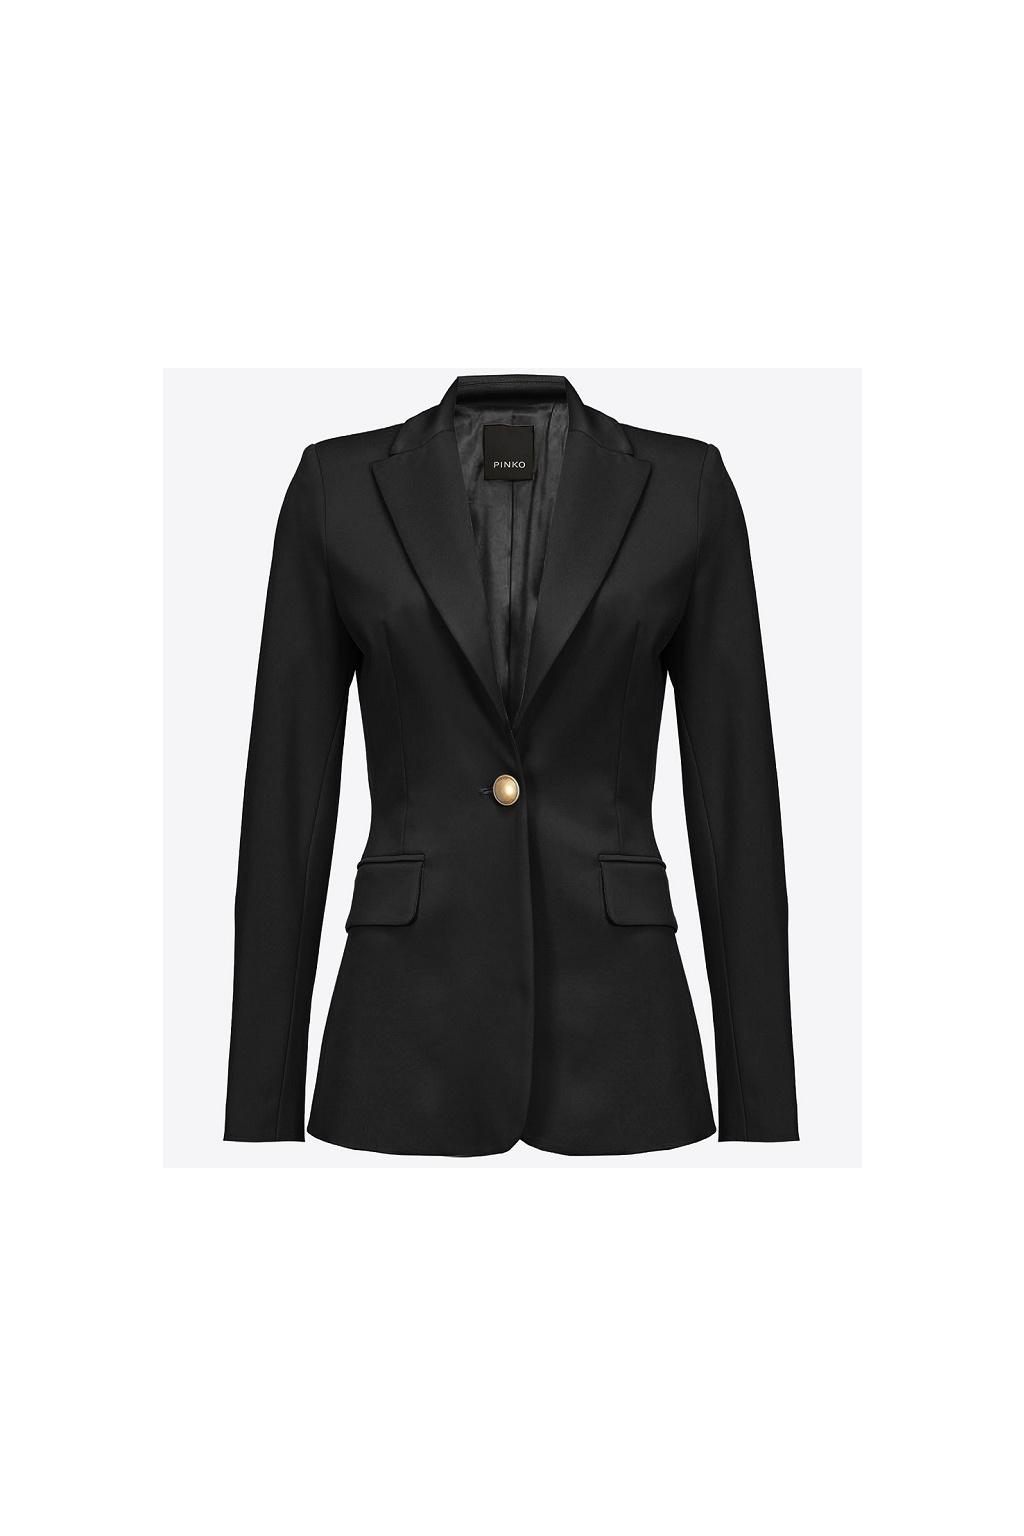 Dámské sako Pinko Sigma 2 černé